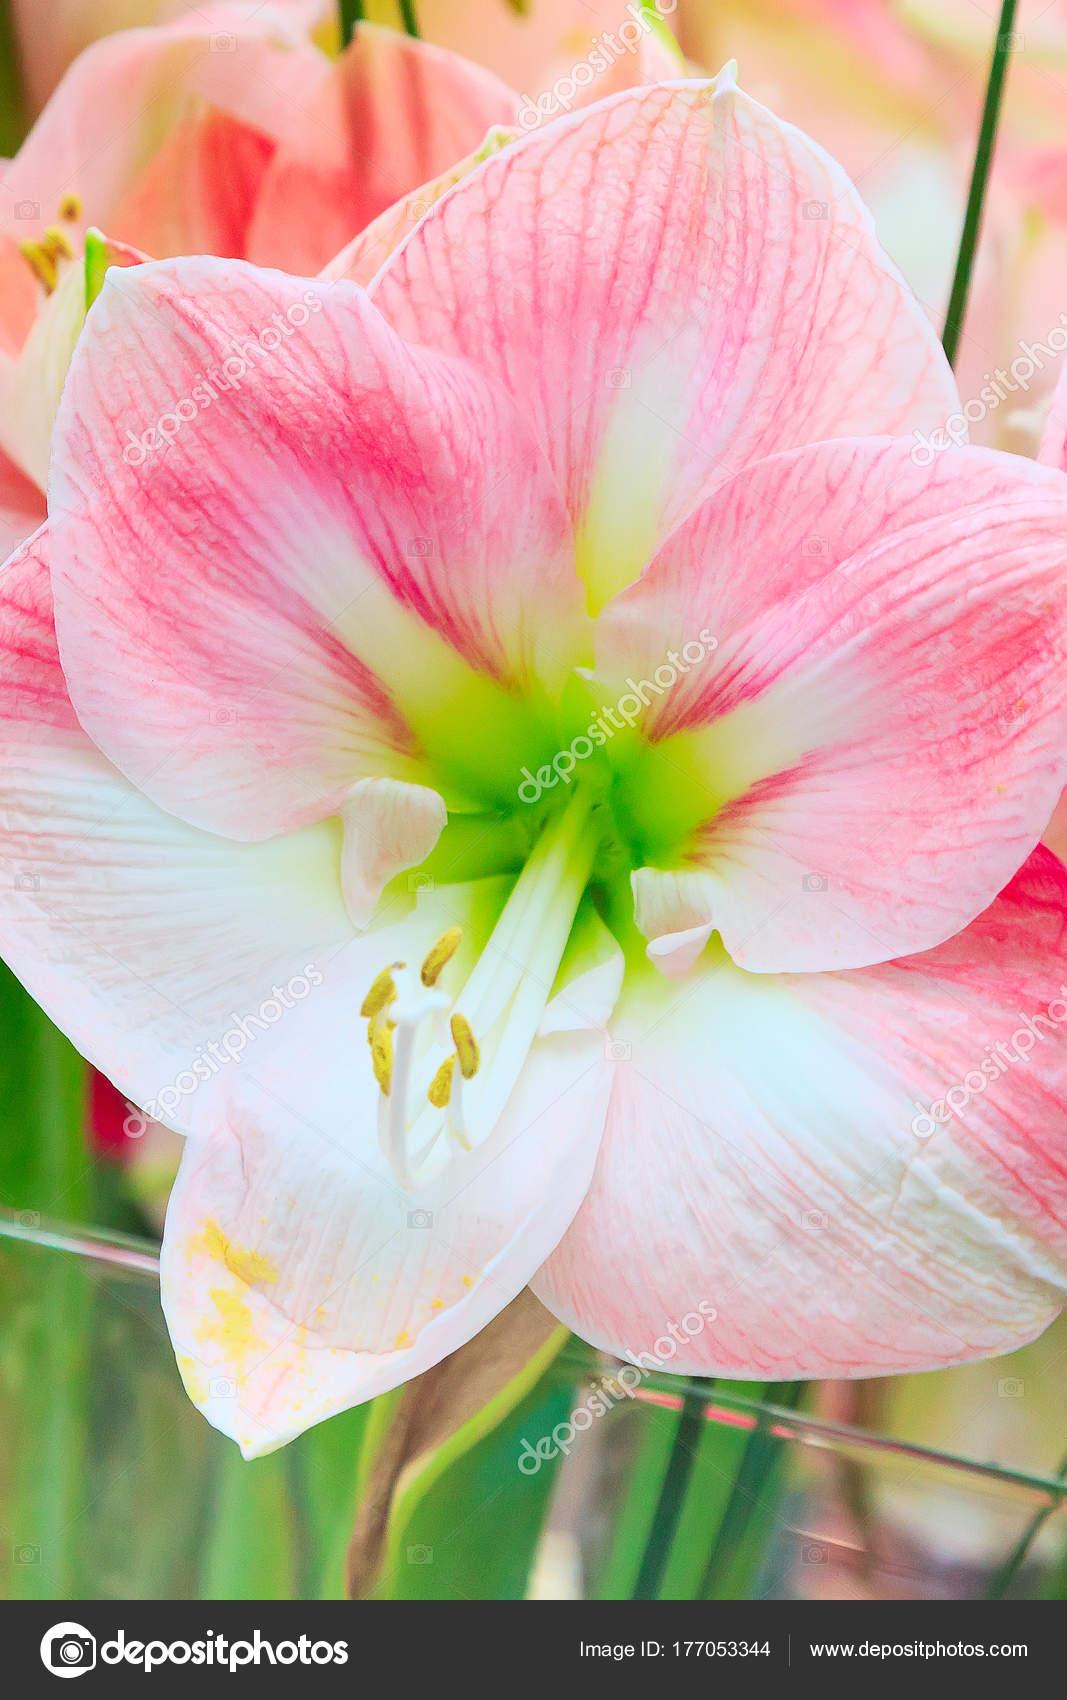 Beautiful White And Pink Lily Flower Stock Photo Kisamarkiza